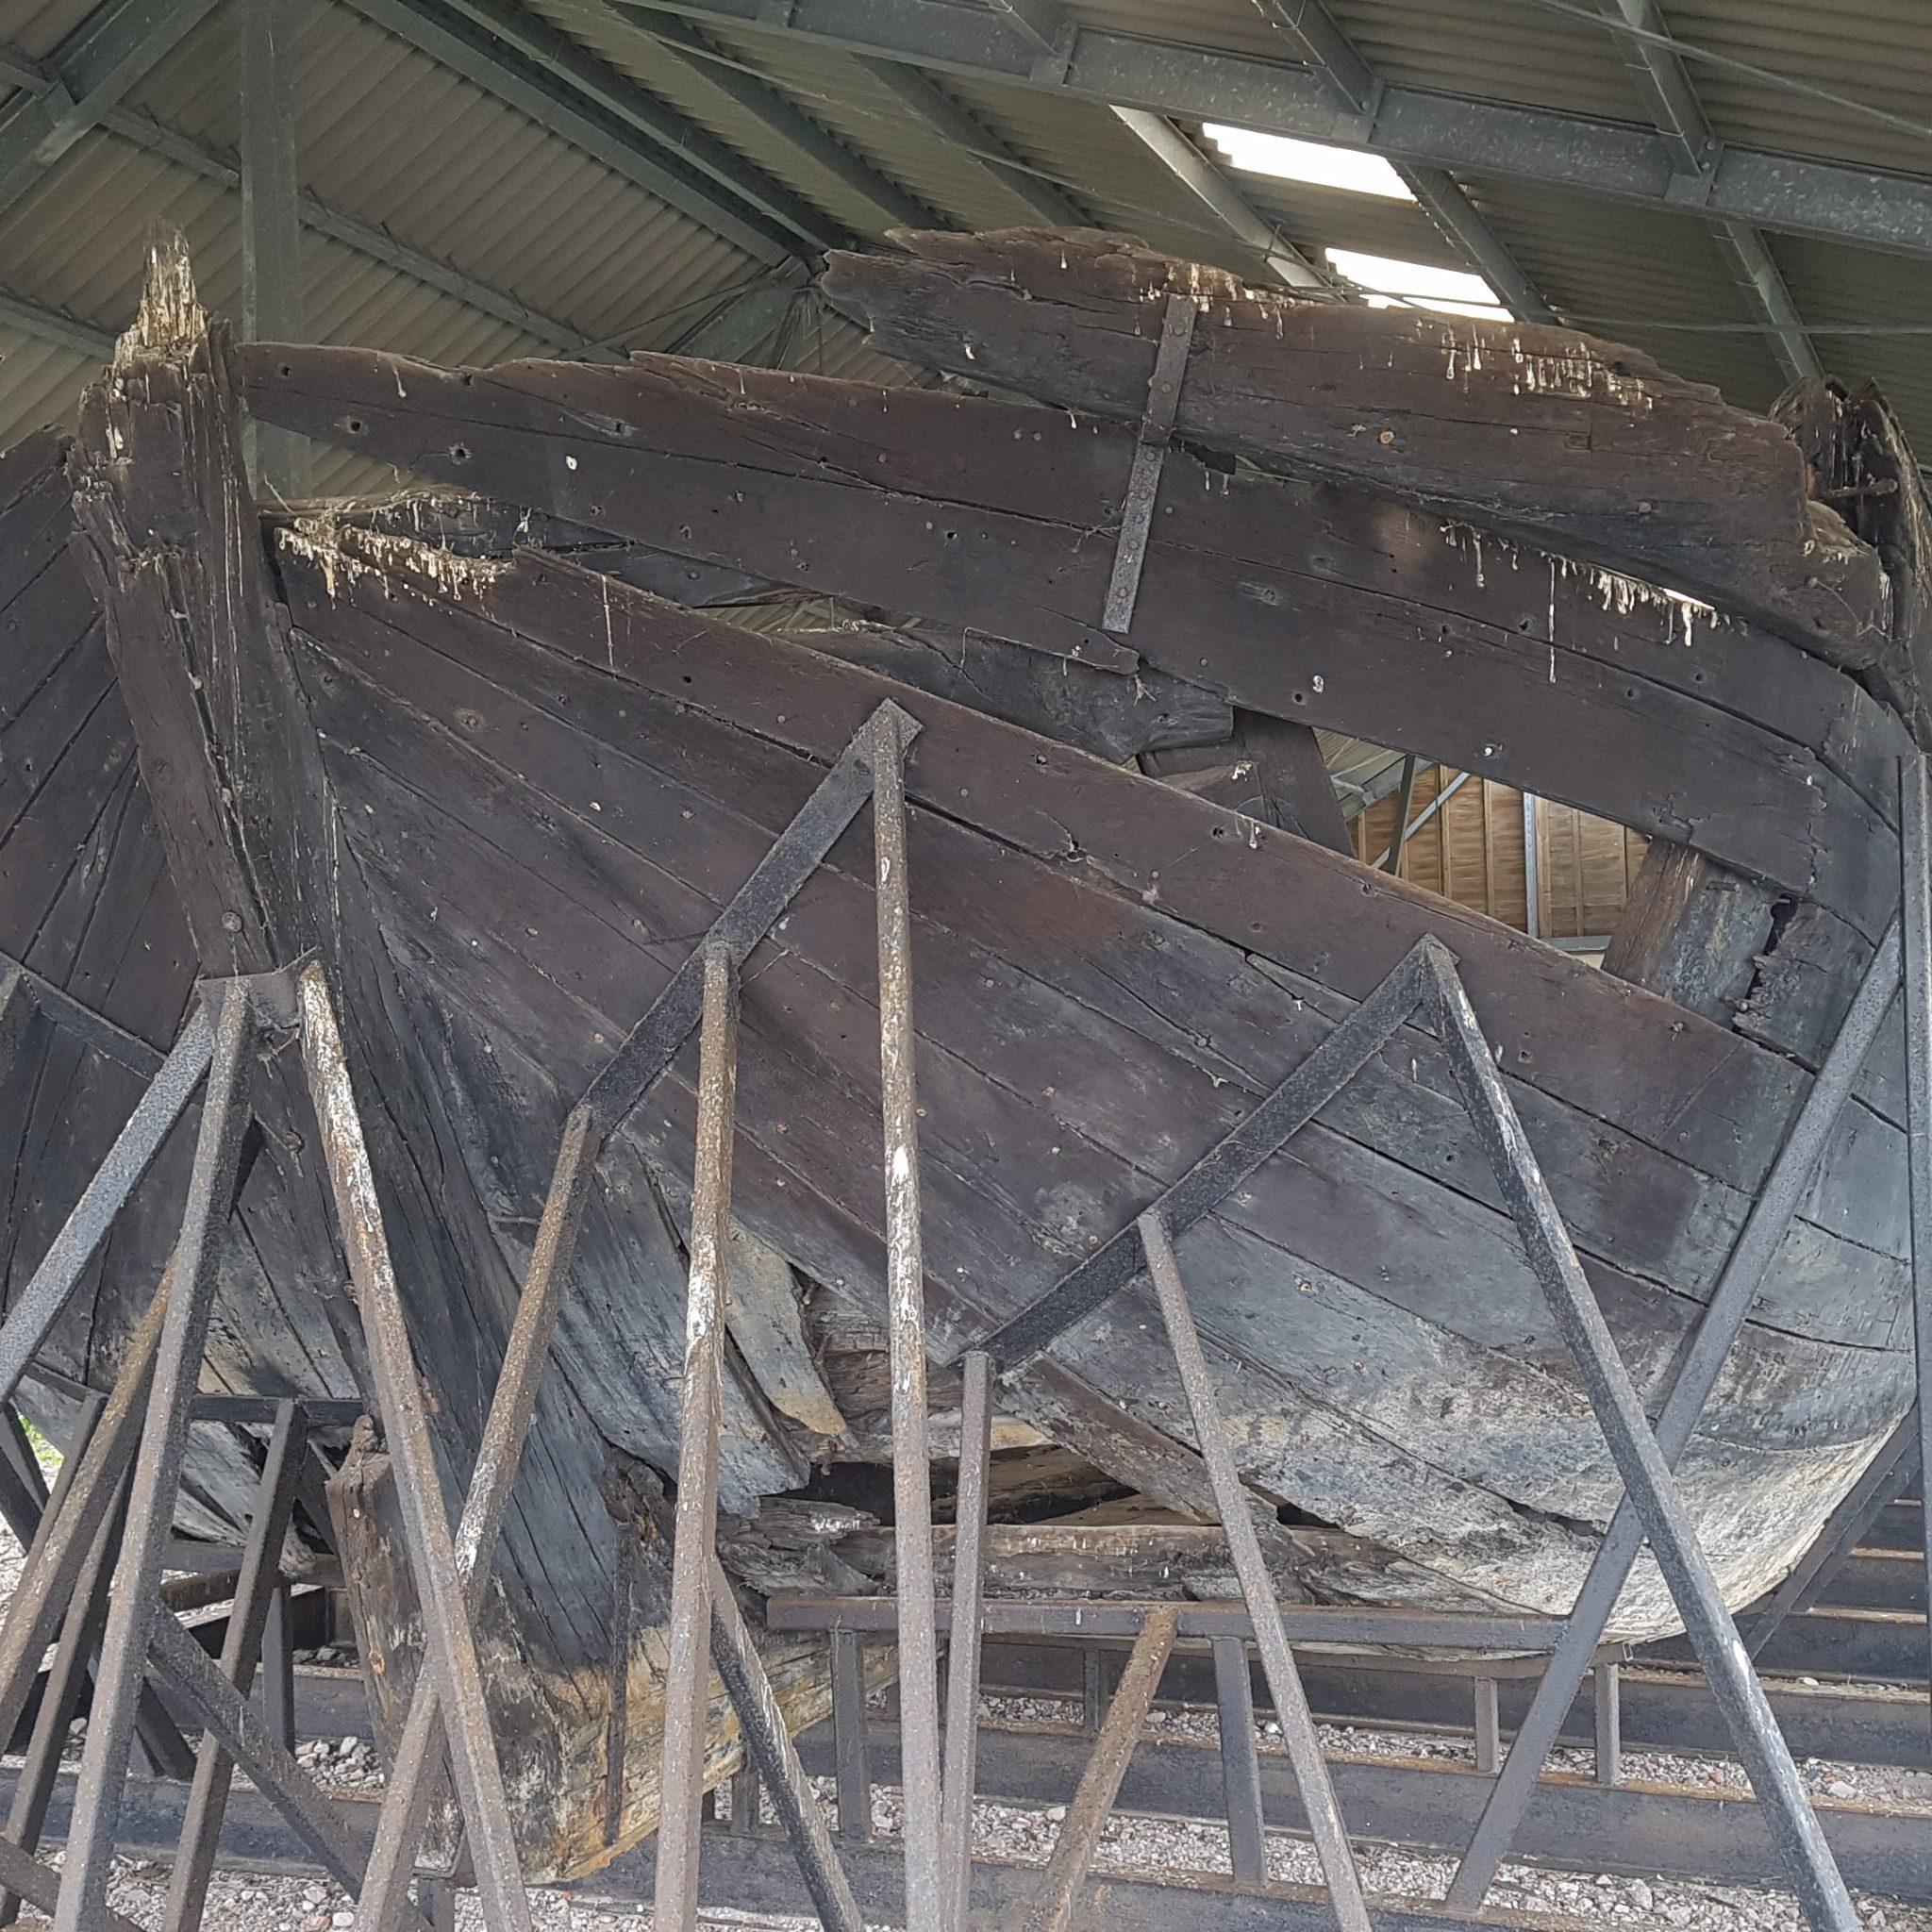 Het scheepswrak dat tot voor kort De Zeehond werd genoemd (Foto Yftinus van Popta)